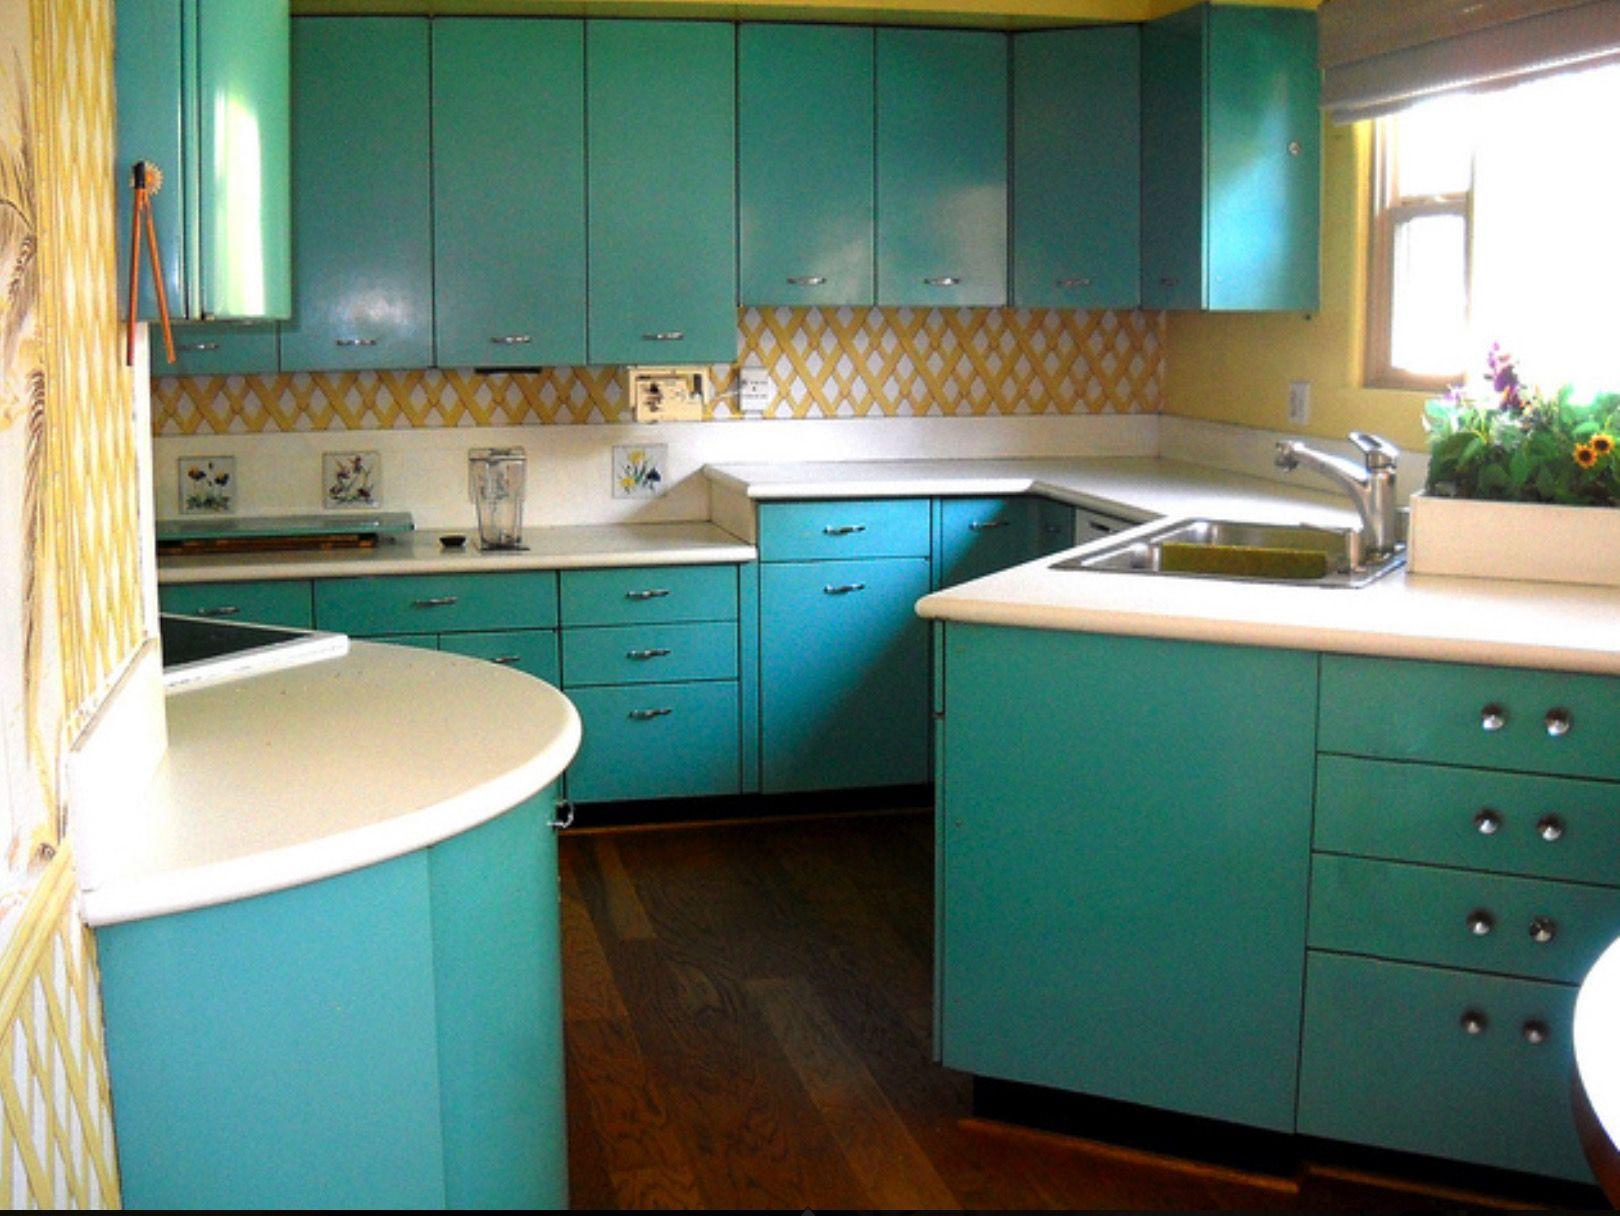 40d9523e023f40d62664e4636ec8641d Jpg 1620 1216 Mid Century Modern Kitchen Retro Kitchen Kitchen Cabinets For Sale